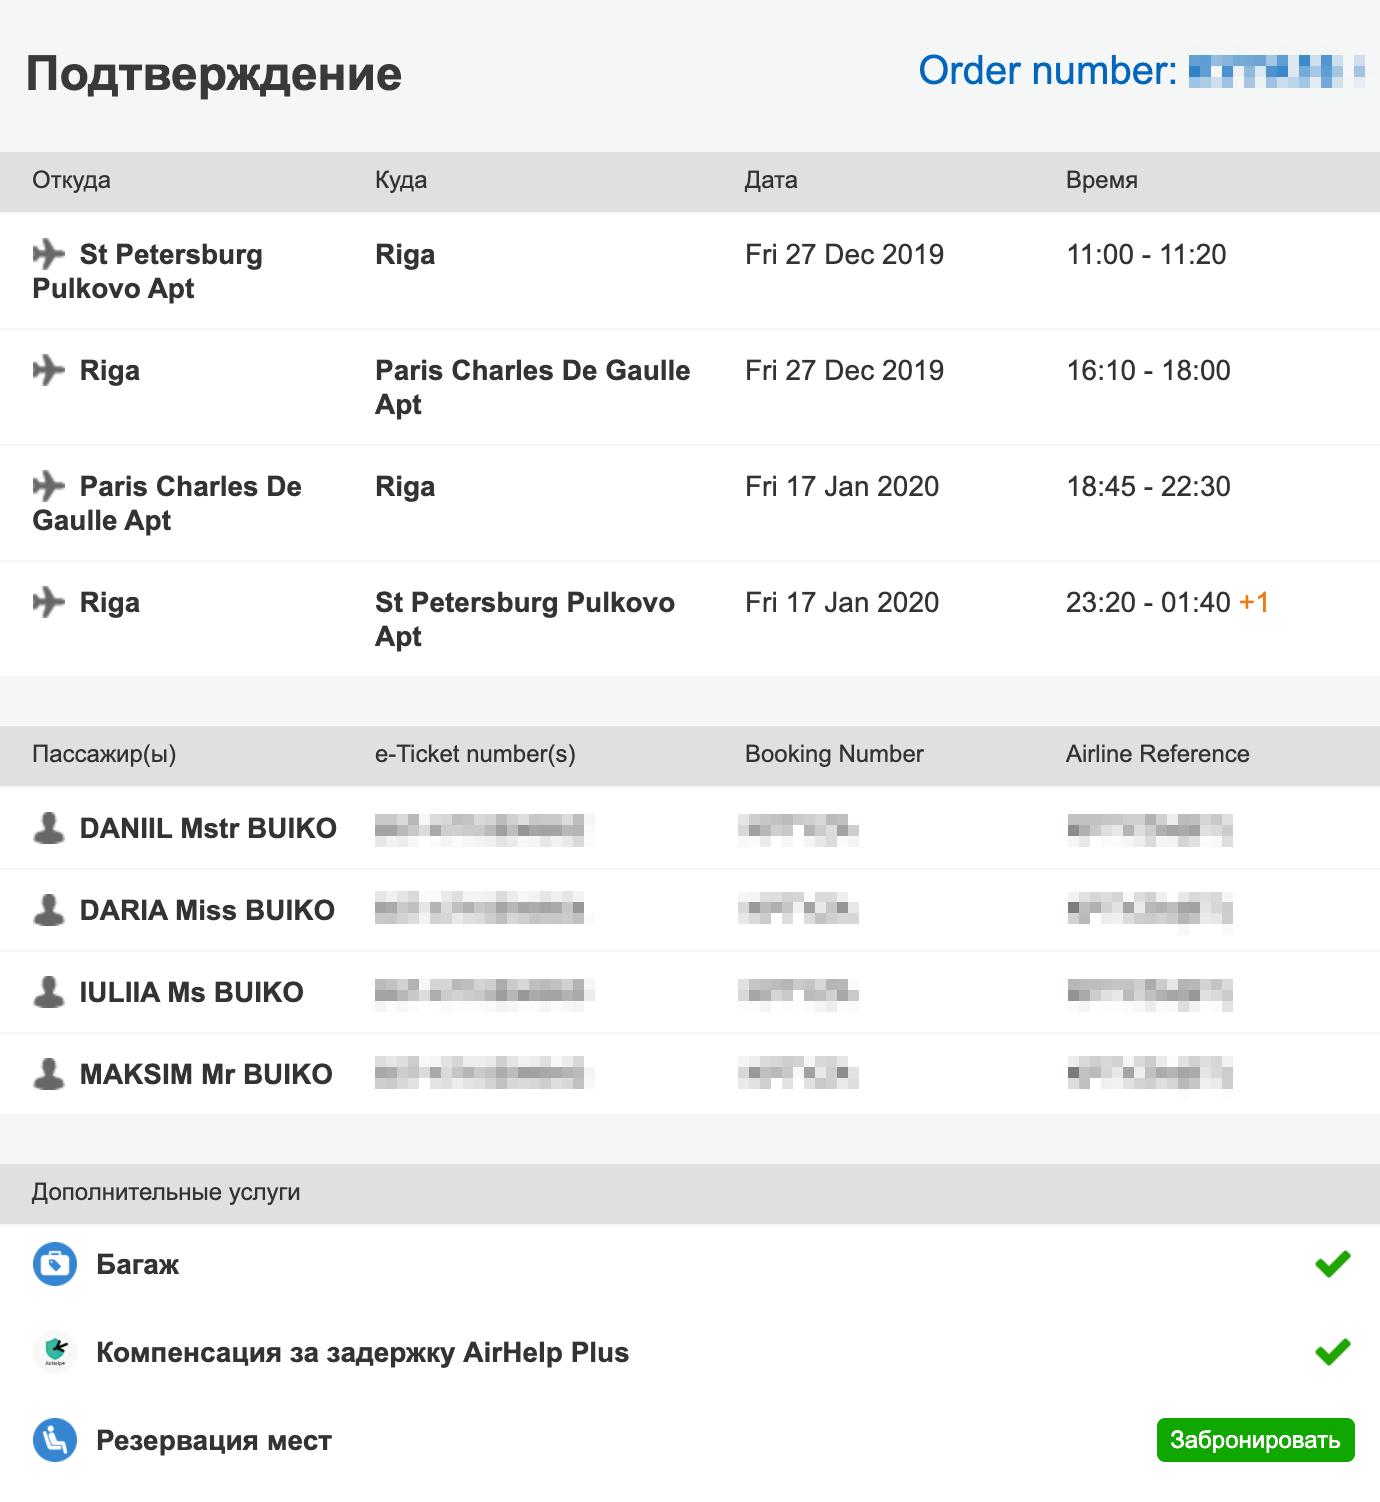 Авиабилеты Санкт-Петербург — Париж — Санкт-Петербург я покупал через агрегатор: цена была ниже, чем на официальном сайте авиакомпании